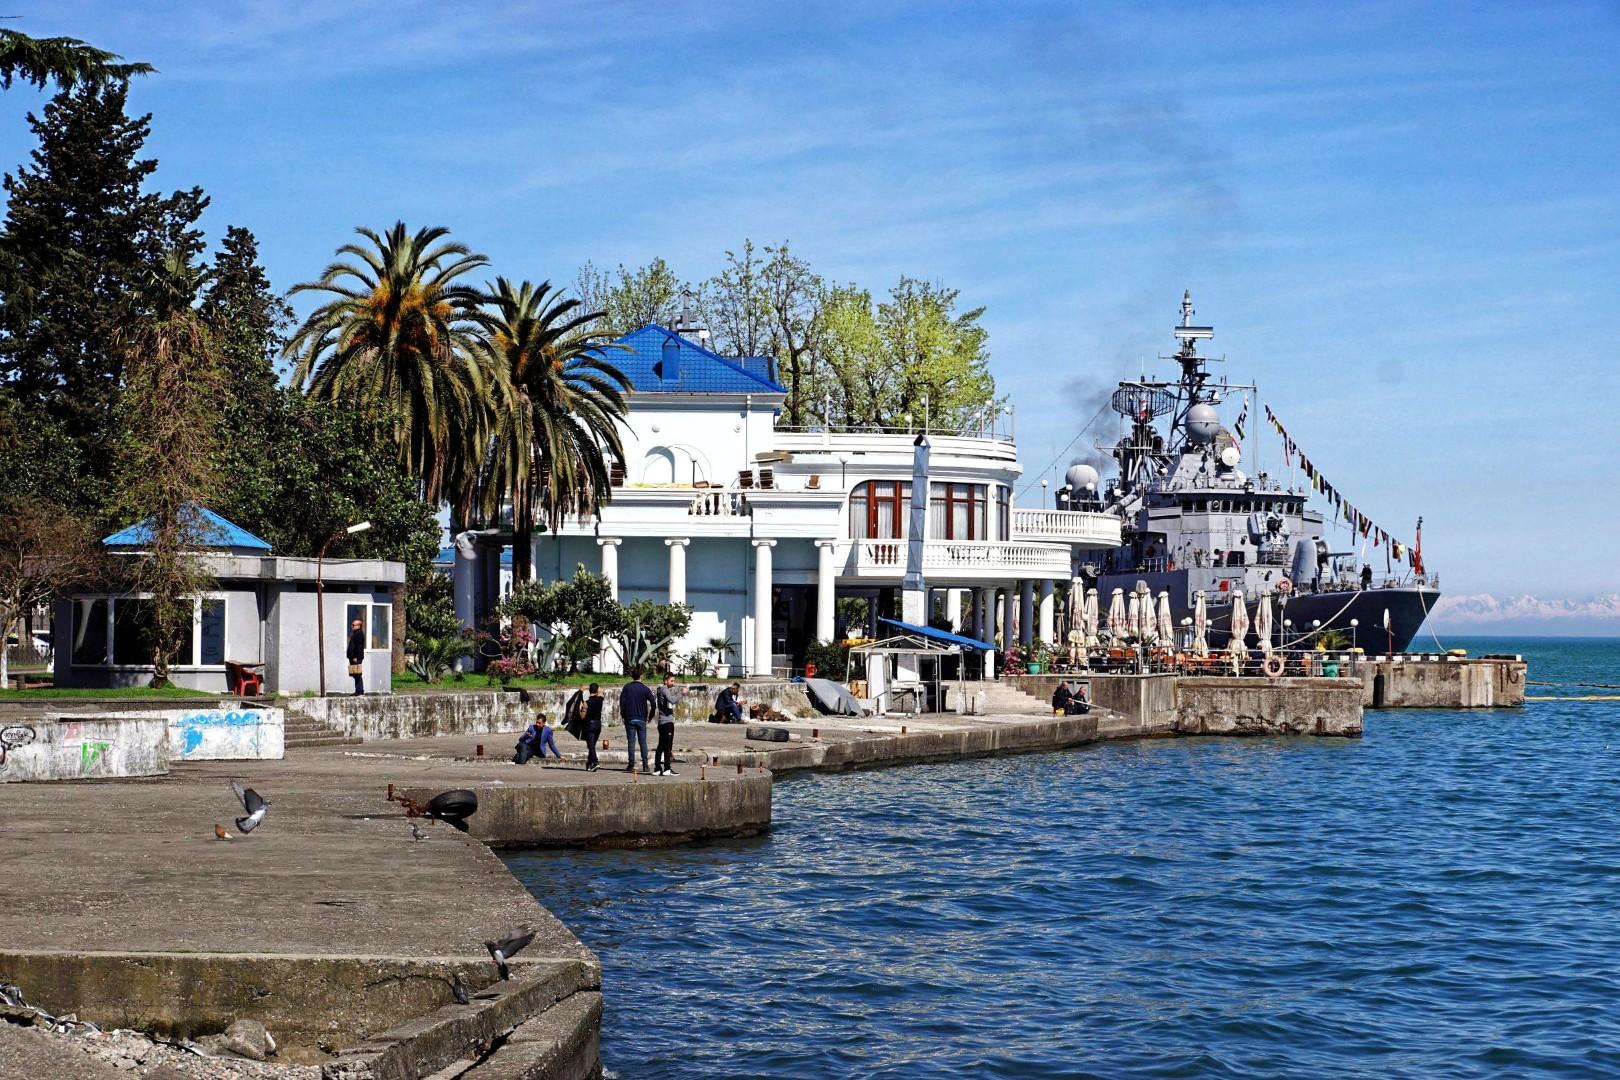 Atrakcje Batumi rozpoczynamy od portu i Morza Czarnego